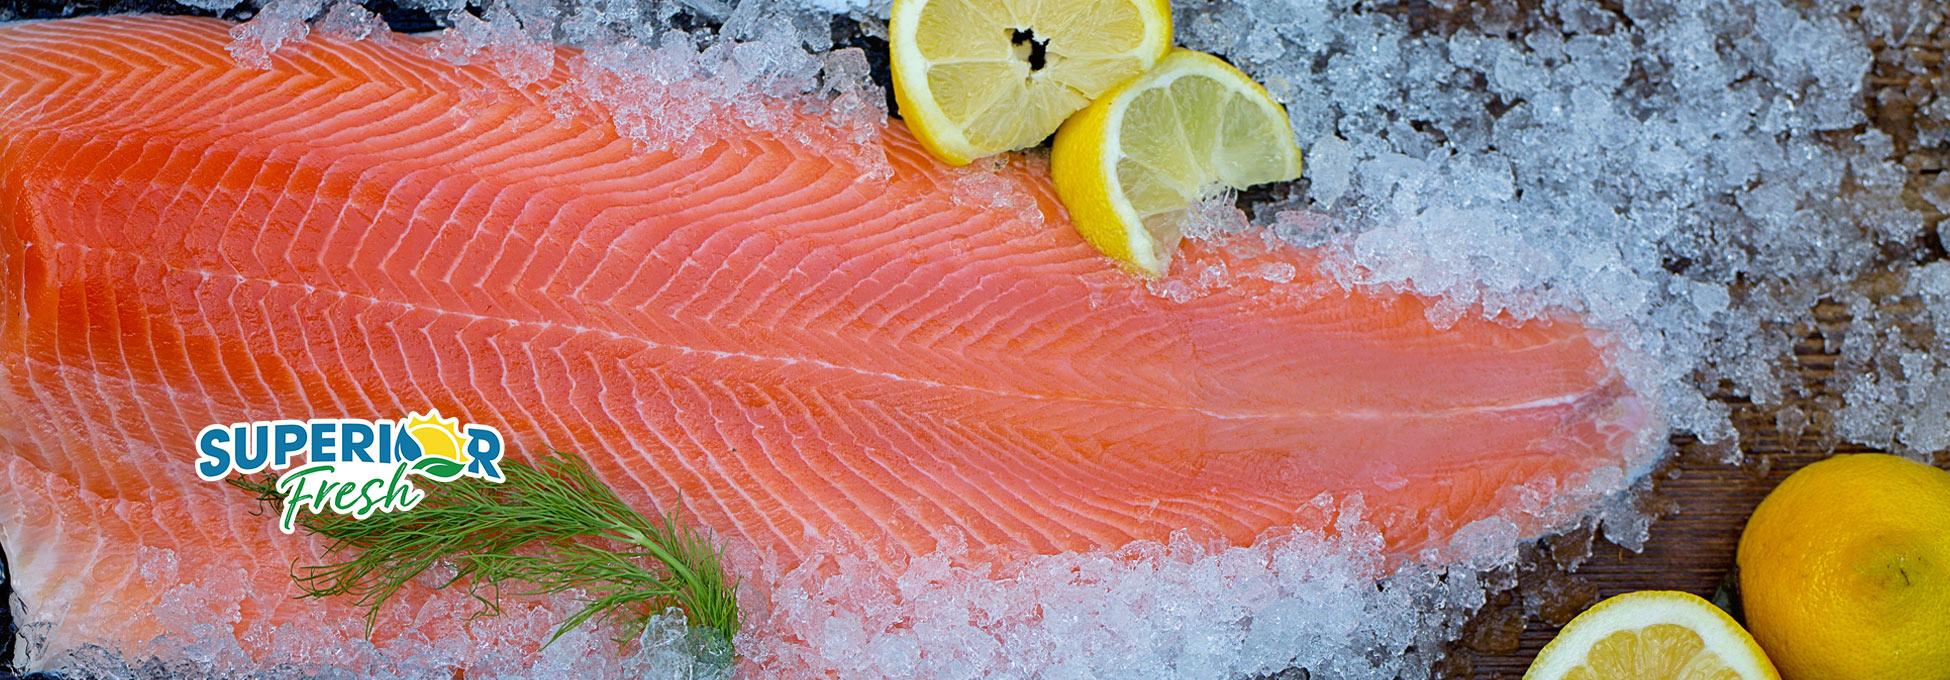 trigs-homepg-superior-fresh-salmon-fillet.jpg